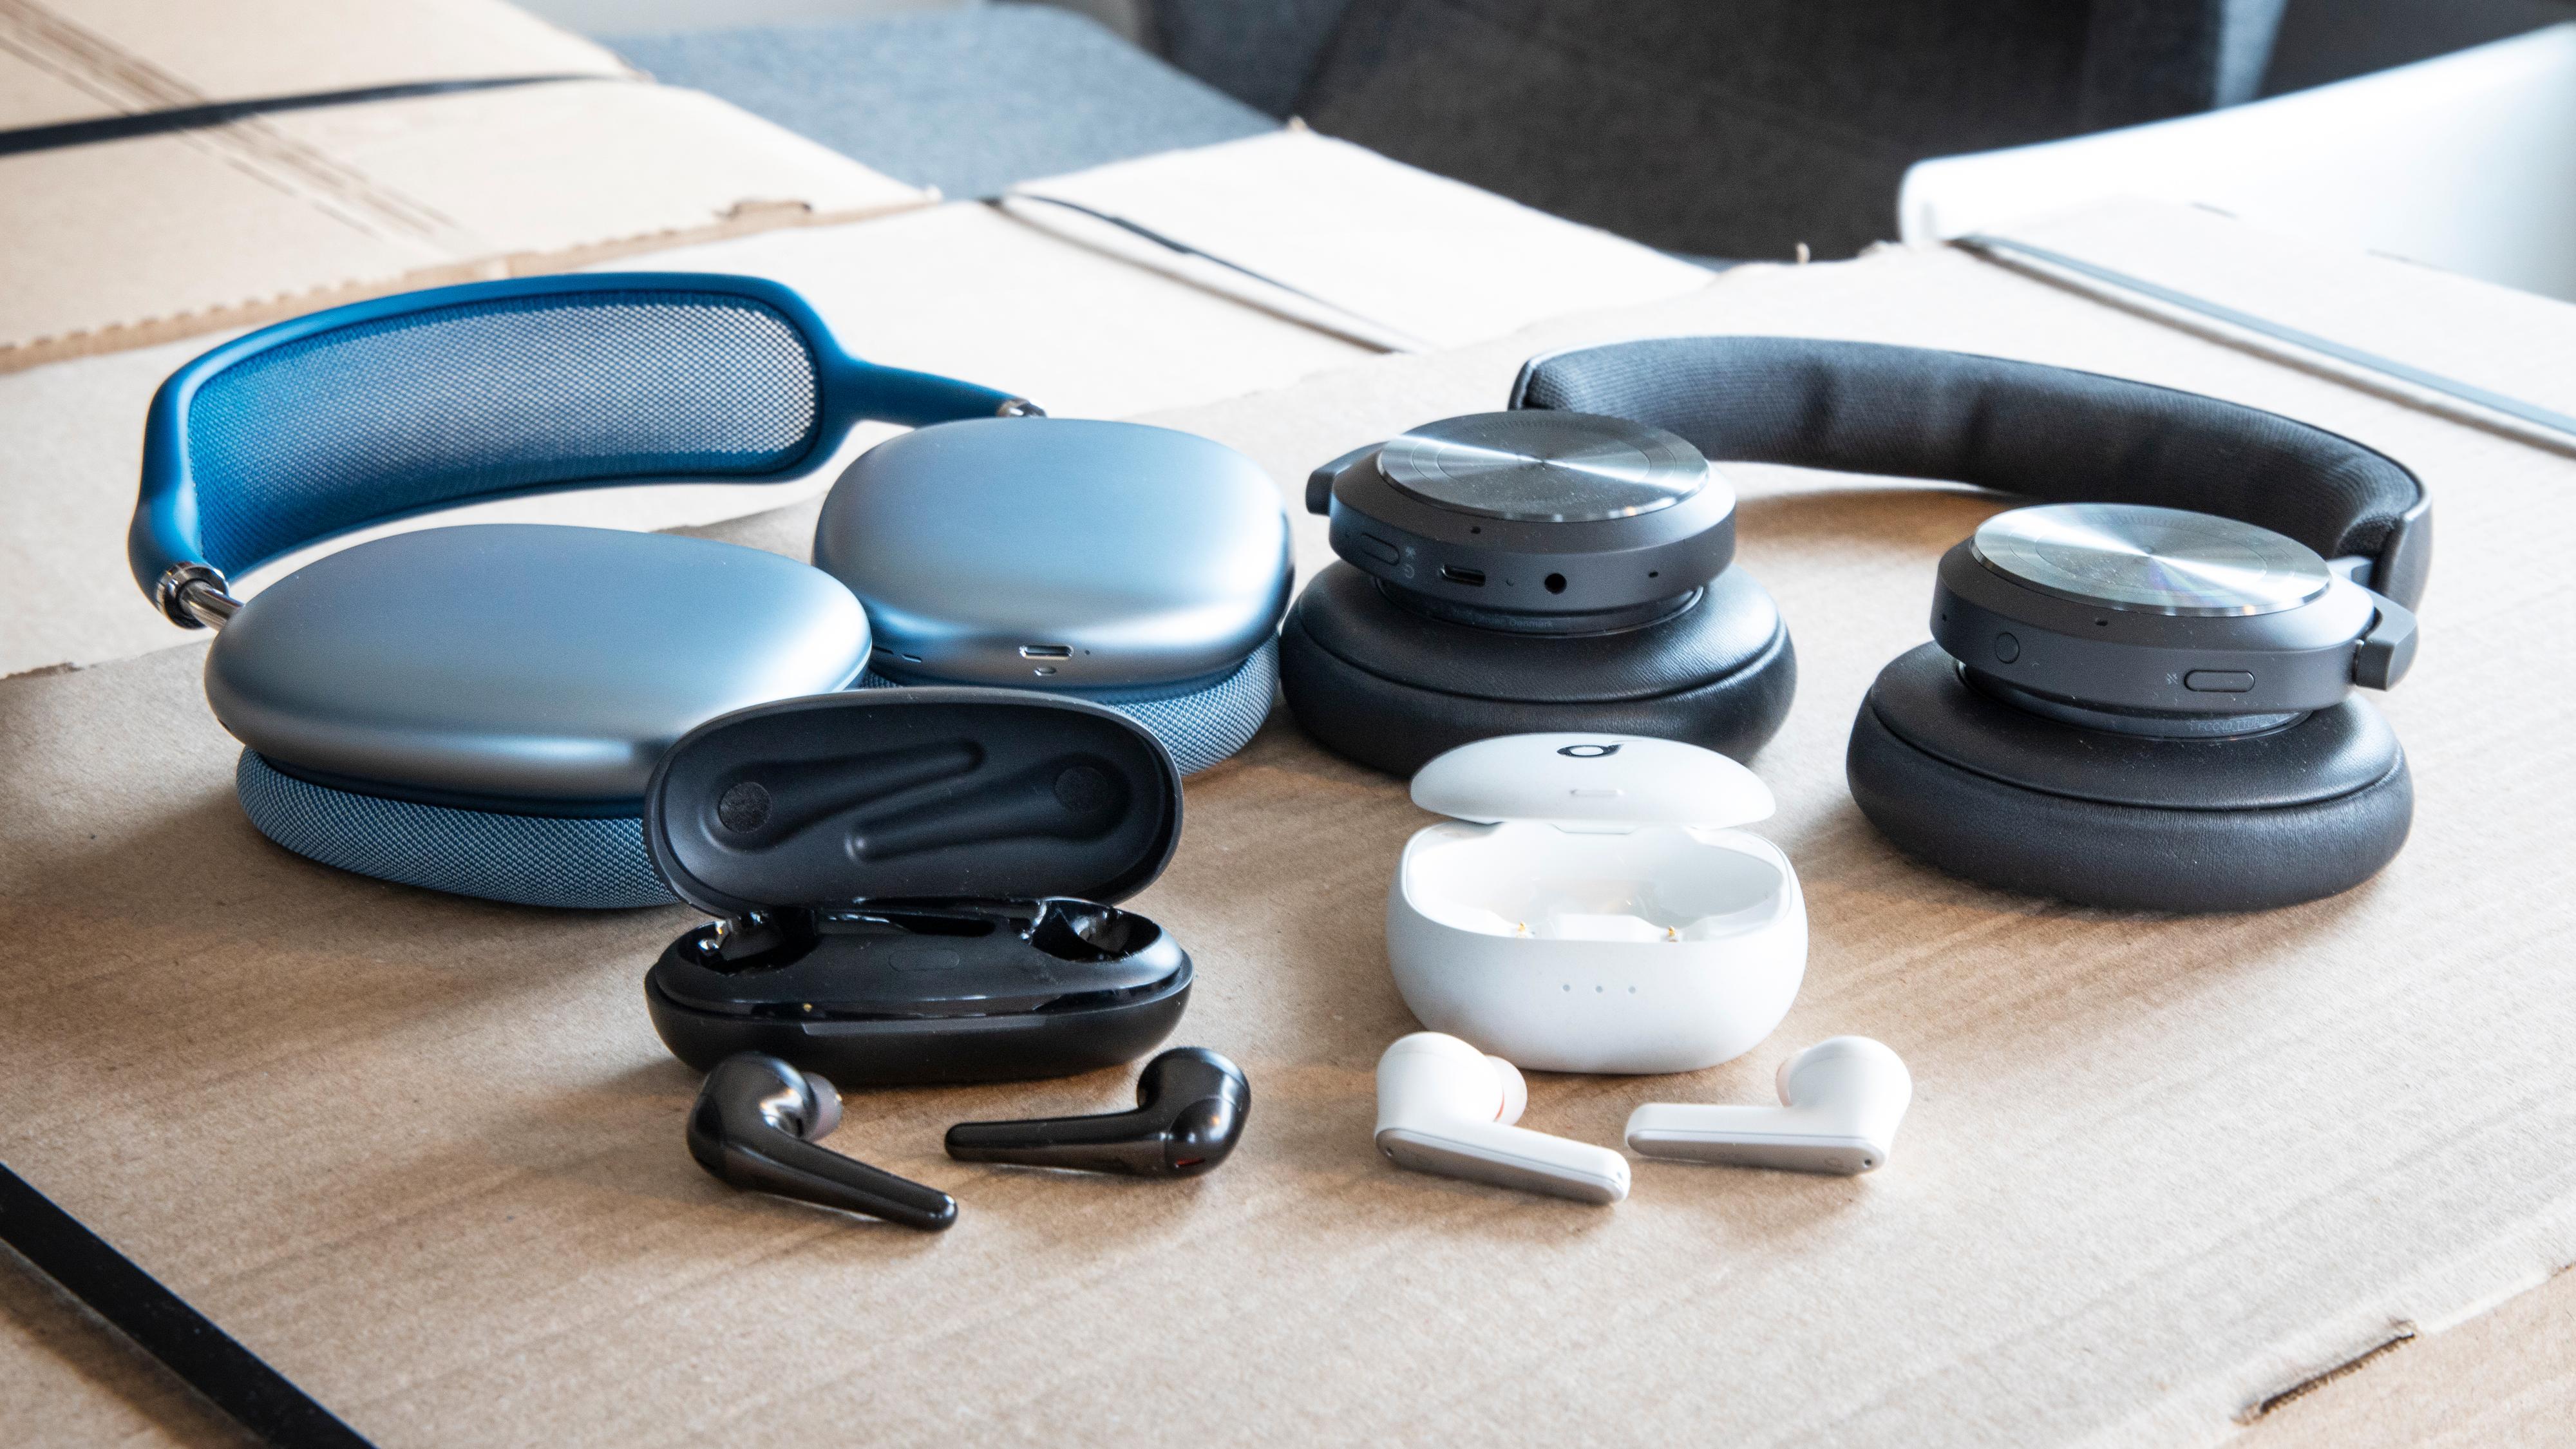 Hodetelefoner kan være utfordrende å velge blant, siden det finnes så utrolig mange. Vi prøver å snevre ned utvalget litt for deg.